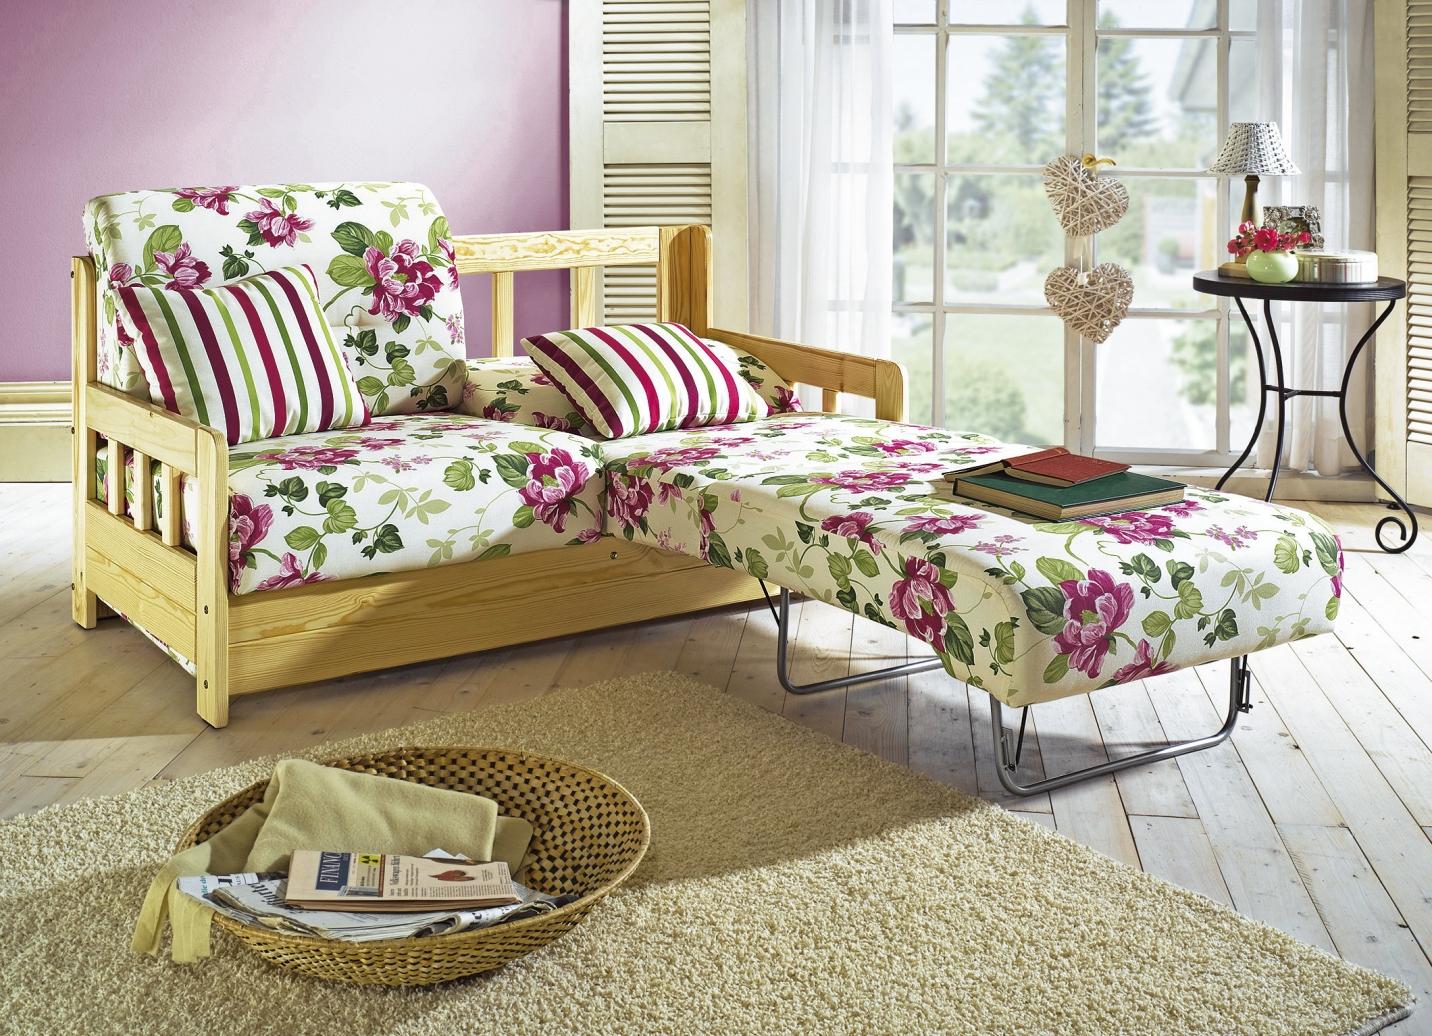 Eckcouch landhausstil rattan  Möbel im Landhausstil für mehr Gemütlichkeit in Ihren vier Wänden